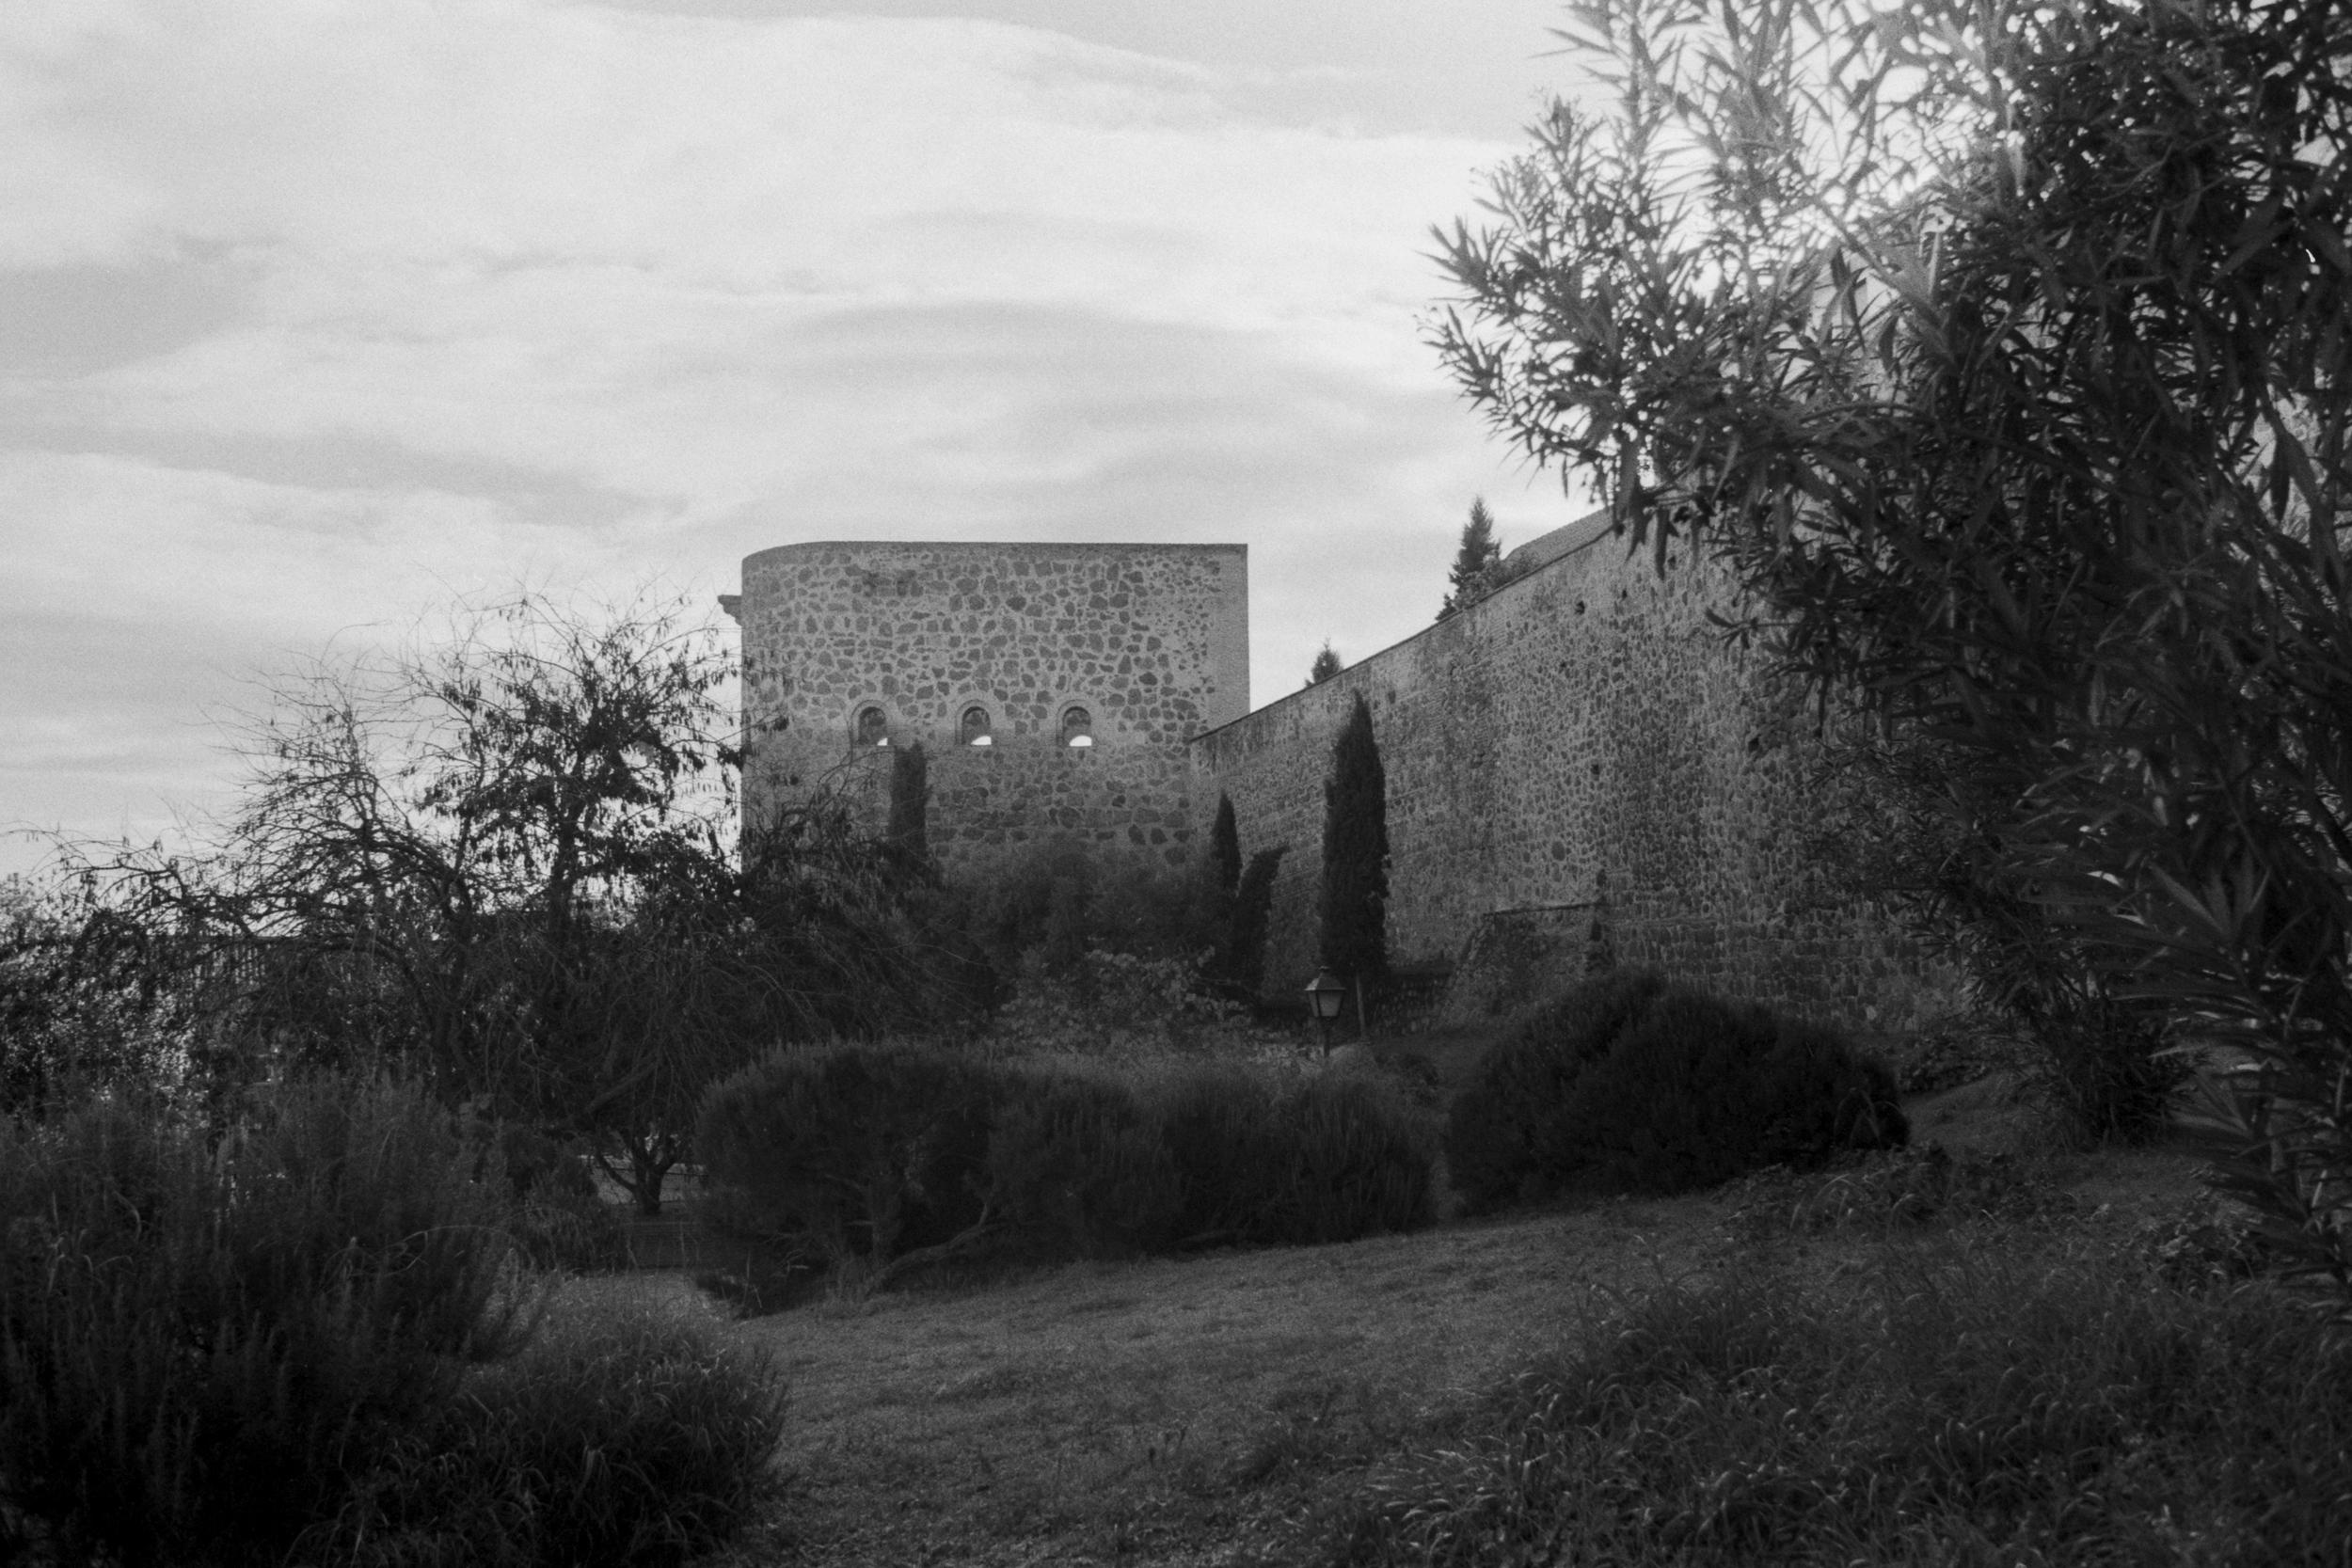 murallas-de-toledo_31916551856_o